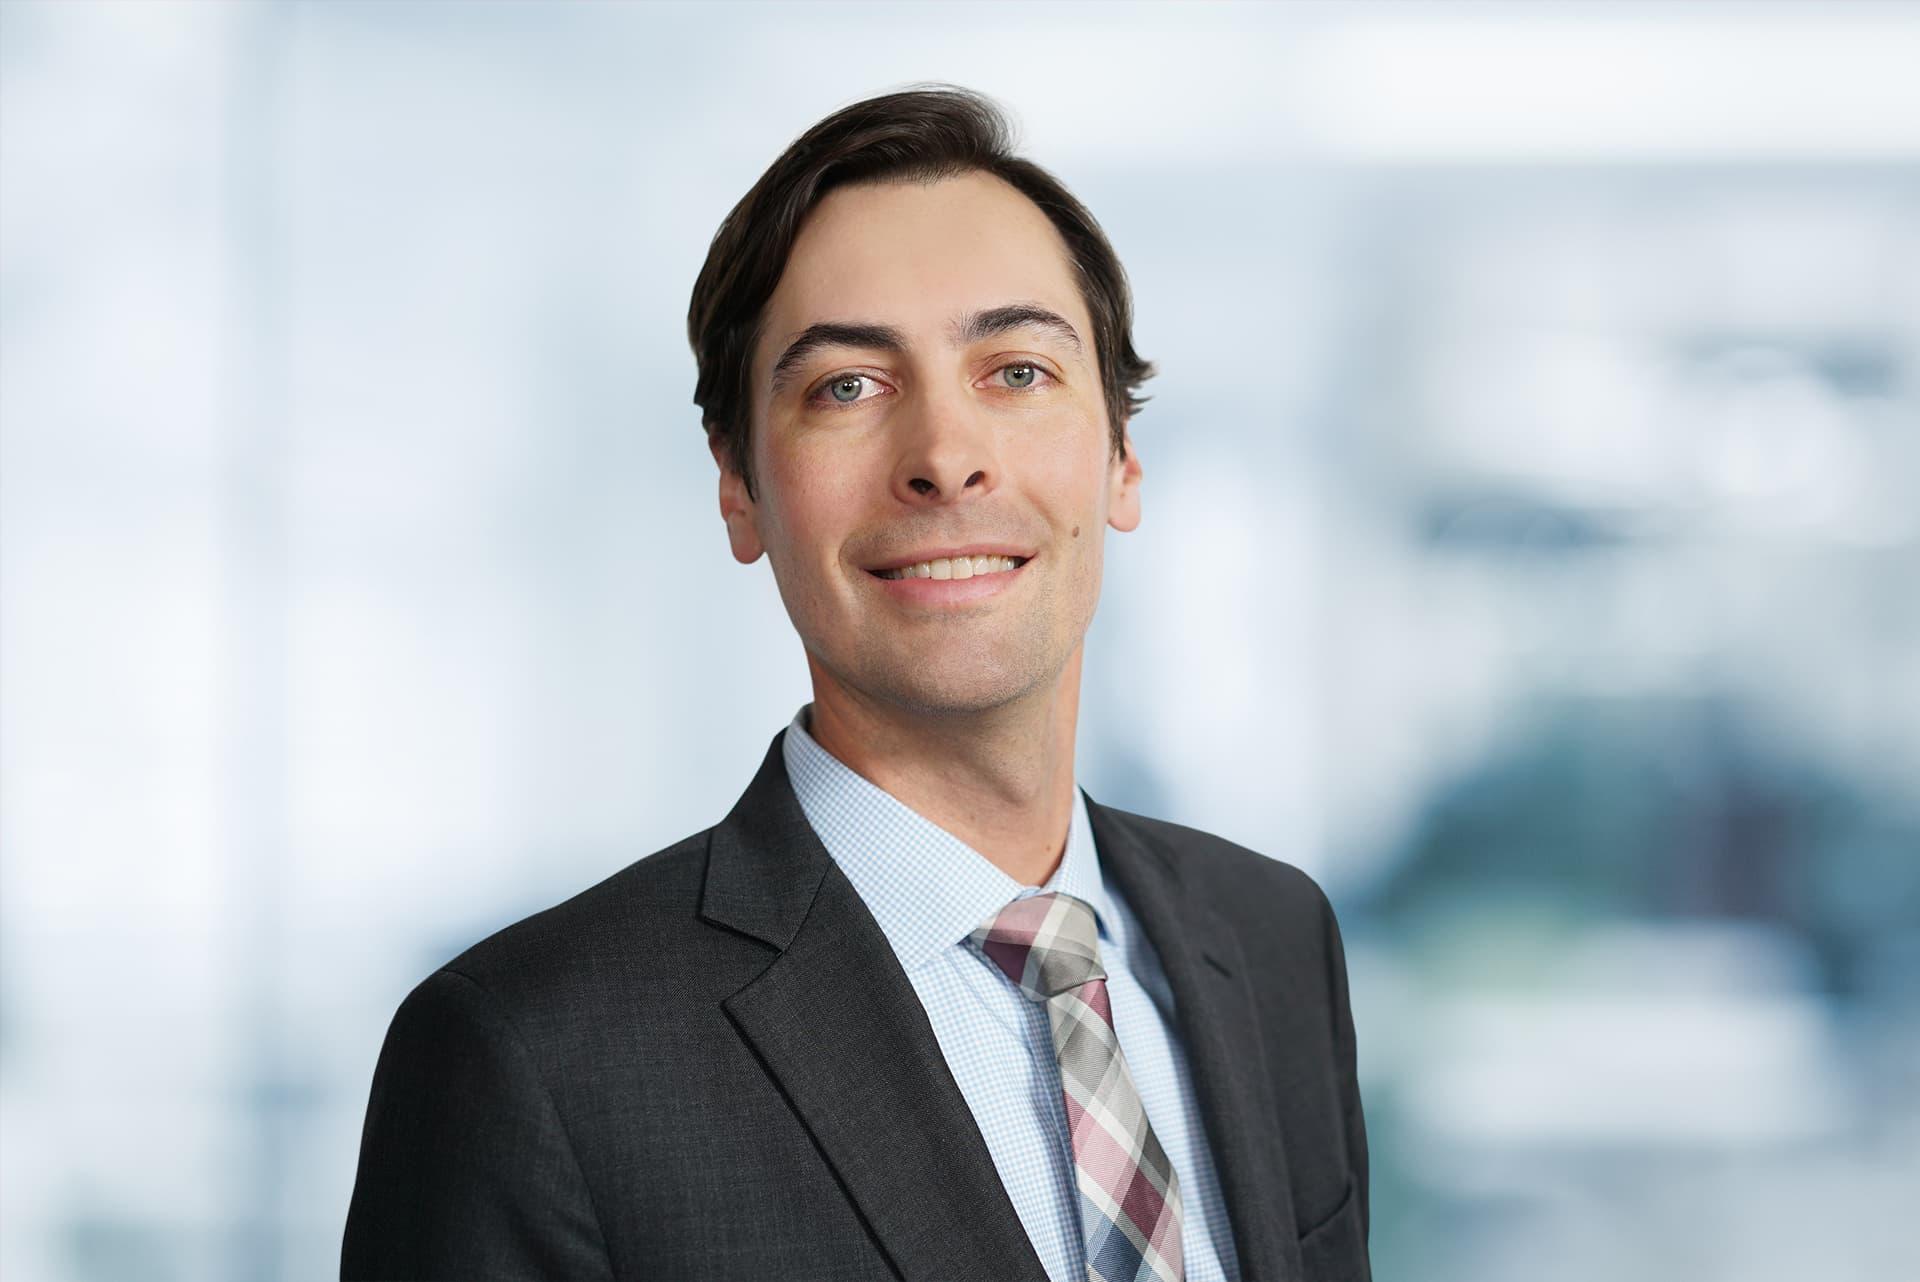 Erik Schuchard, Director, Mergers & Acquisitions